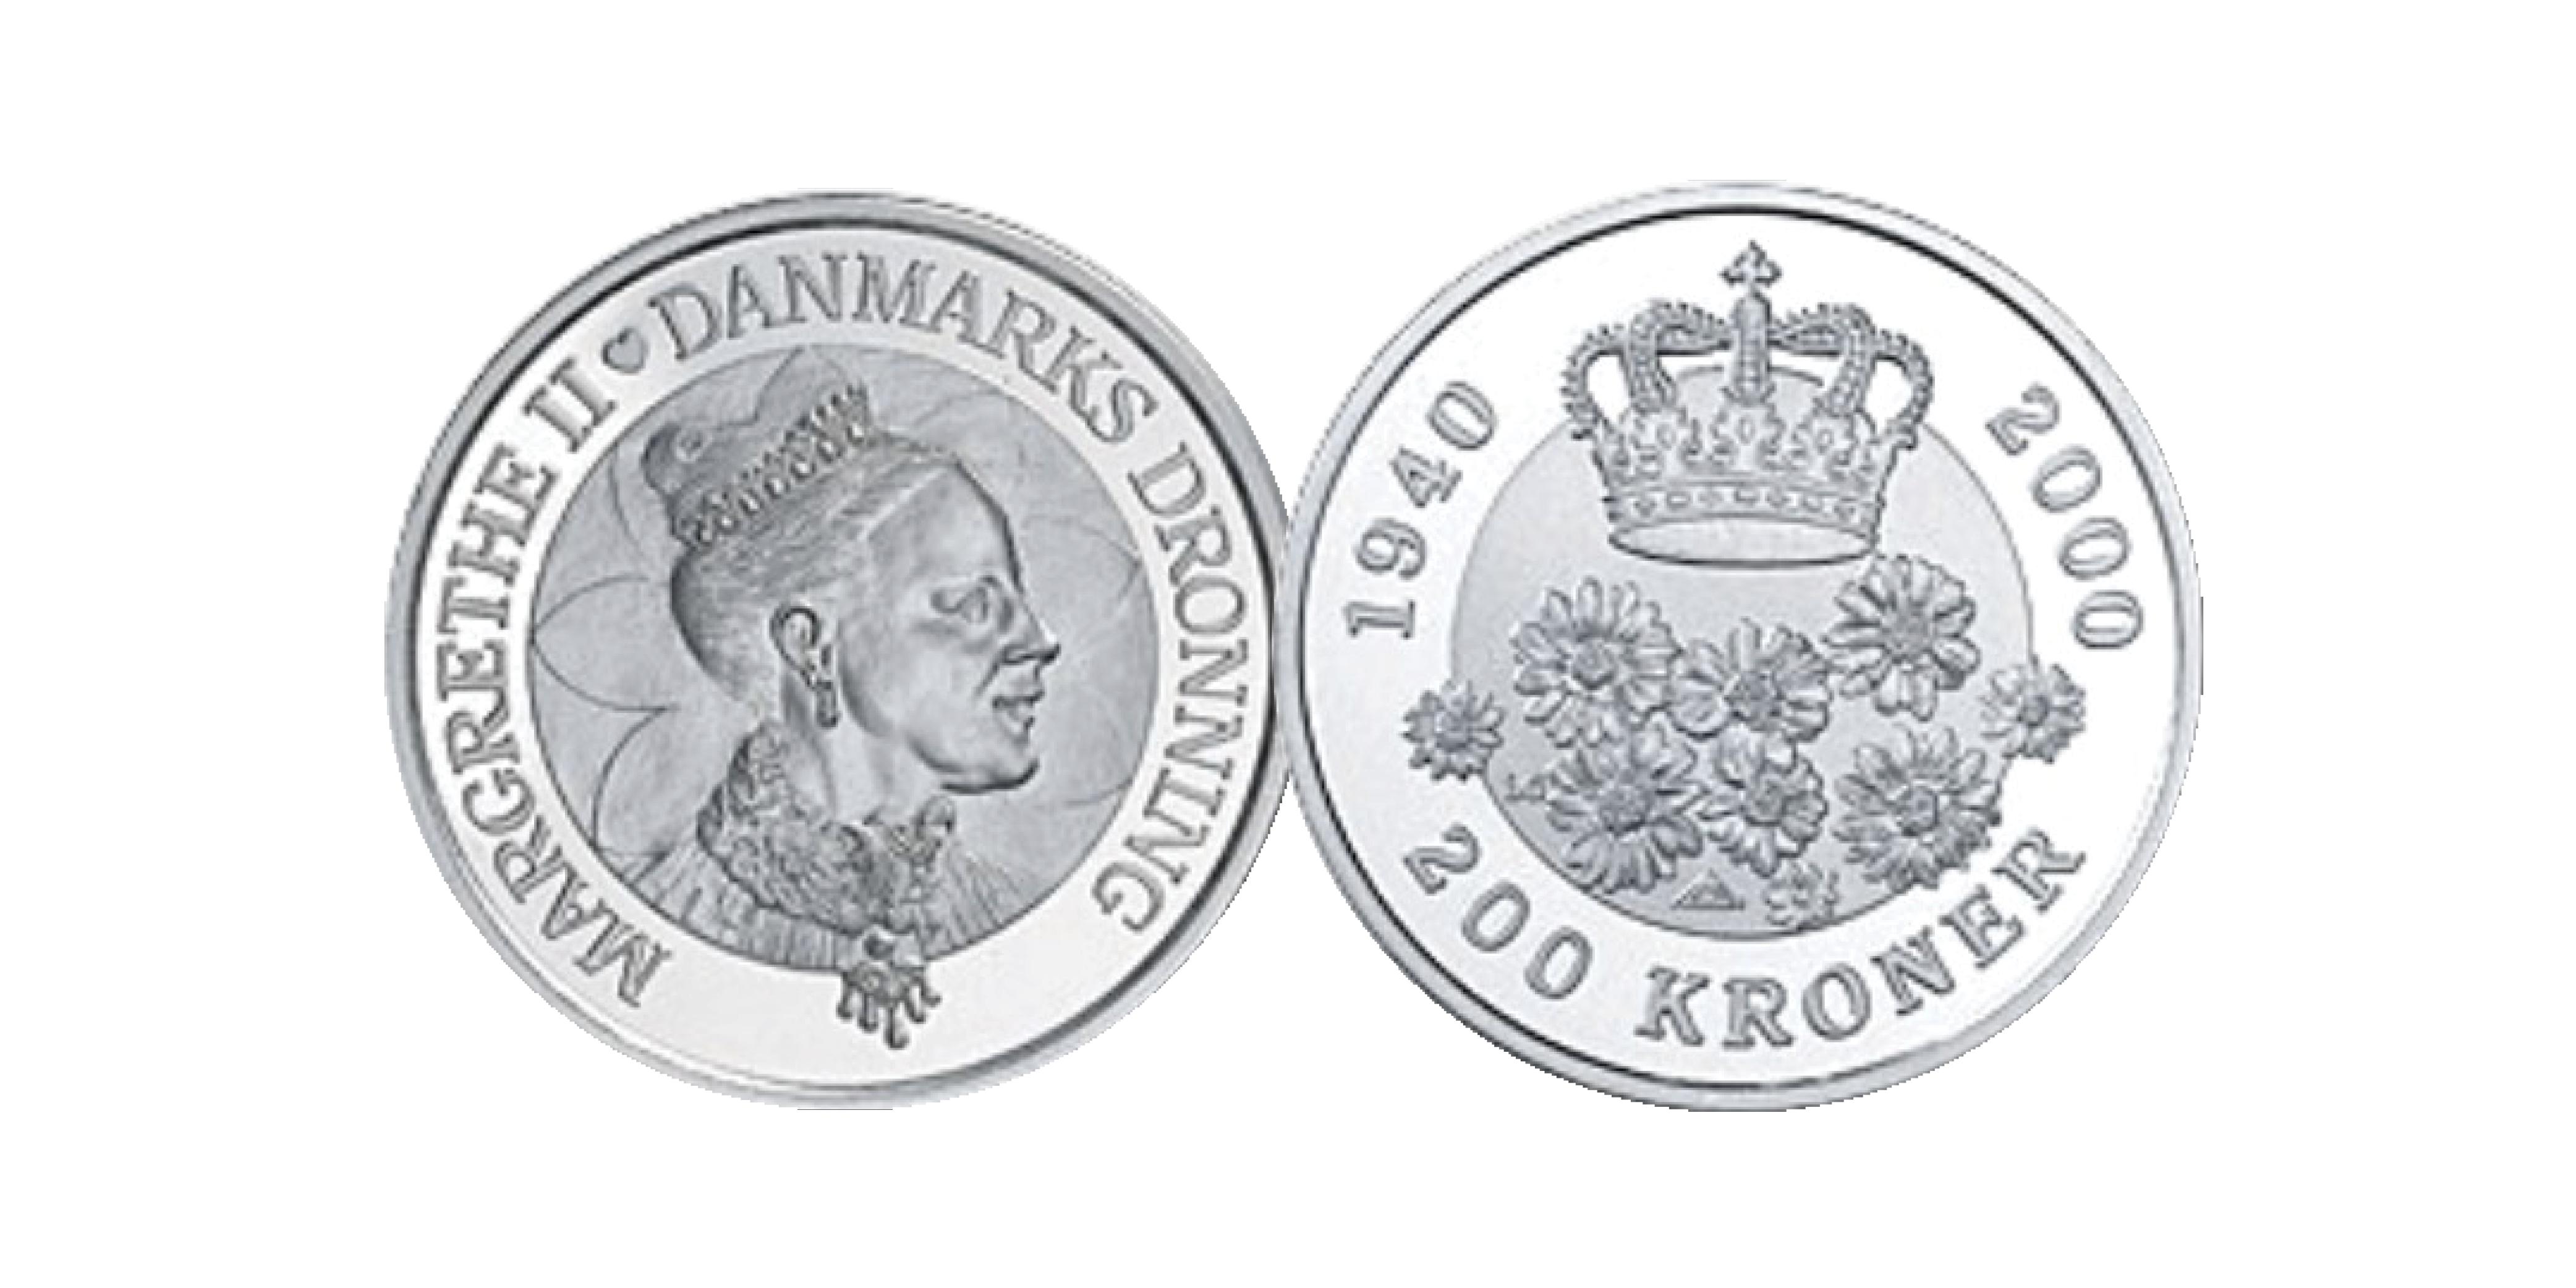 Denne officielle mønt med Hendes Majestæt er præget i 99,9% sølv, en diameter på 38 mm og en vægt på hele 31,10 gram. Mønten er præget i anledning af hendes 60 års fødselsdag